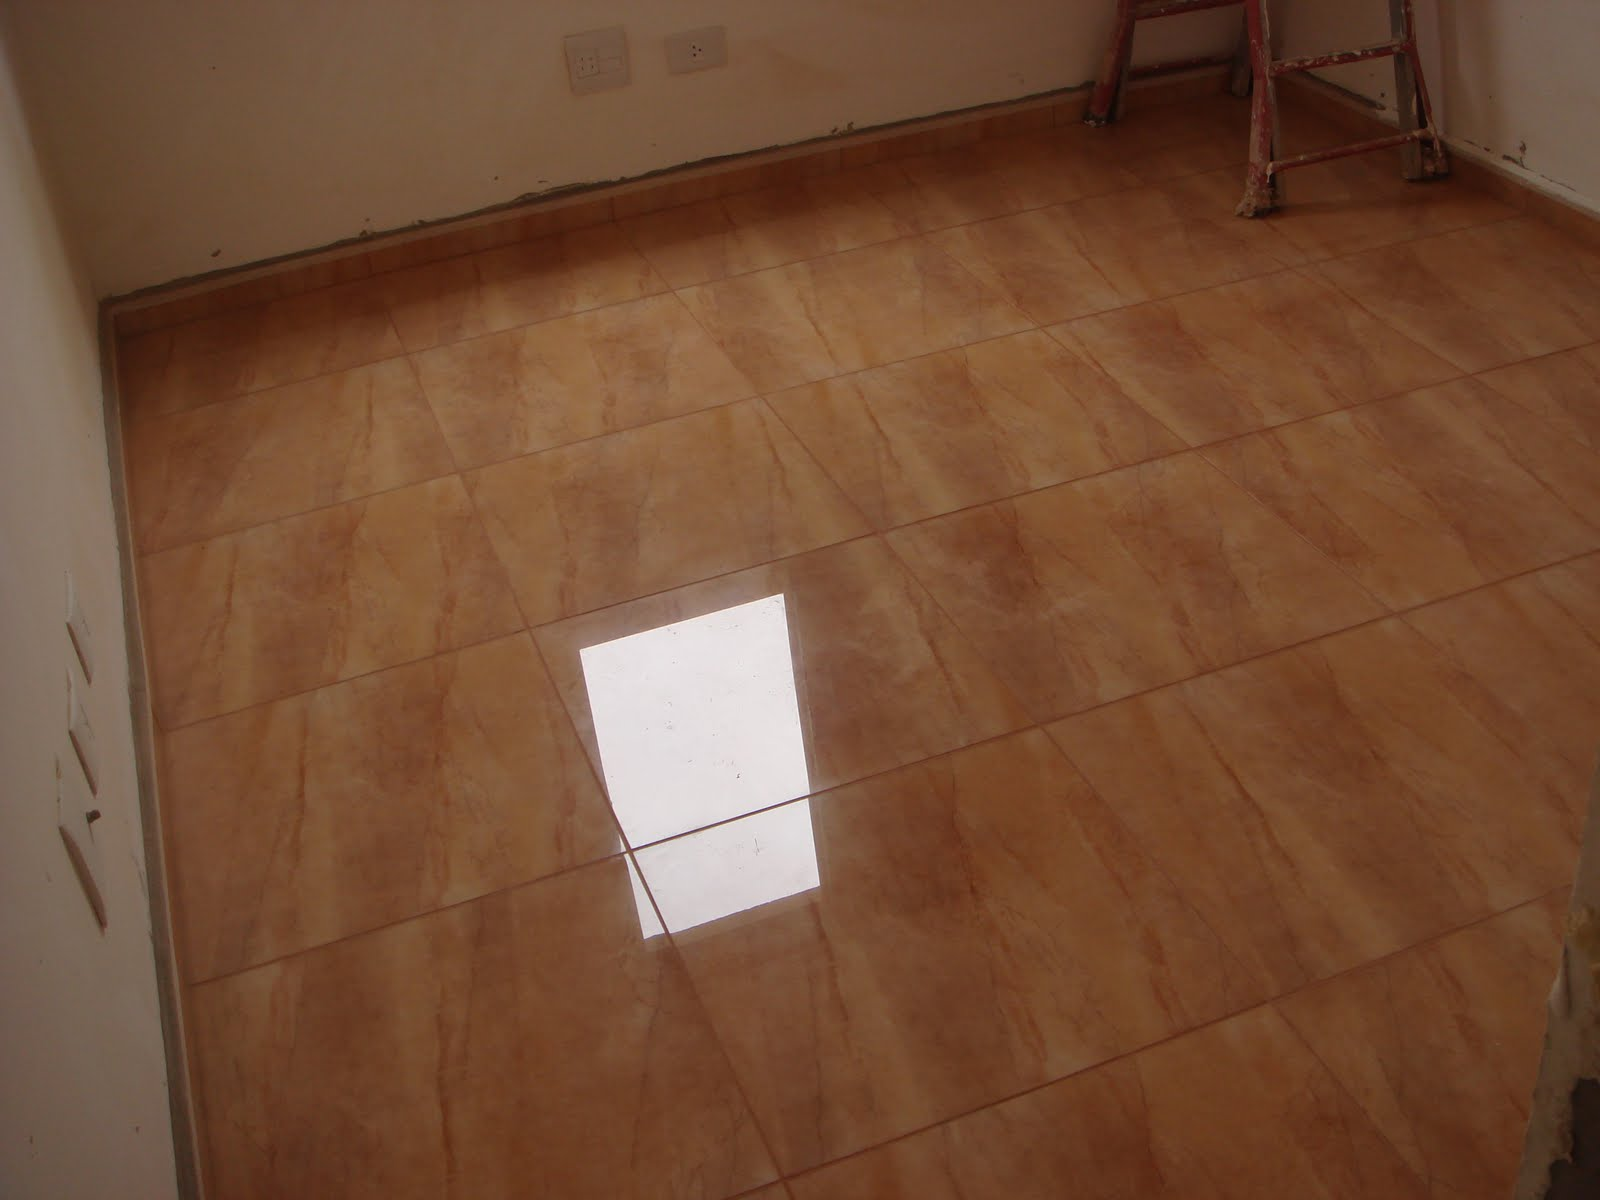 Piso para ba o porcelanato for Modelos de losetas para pisos